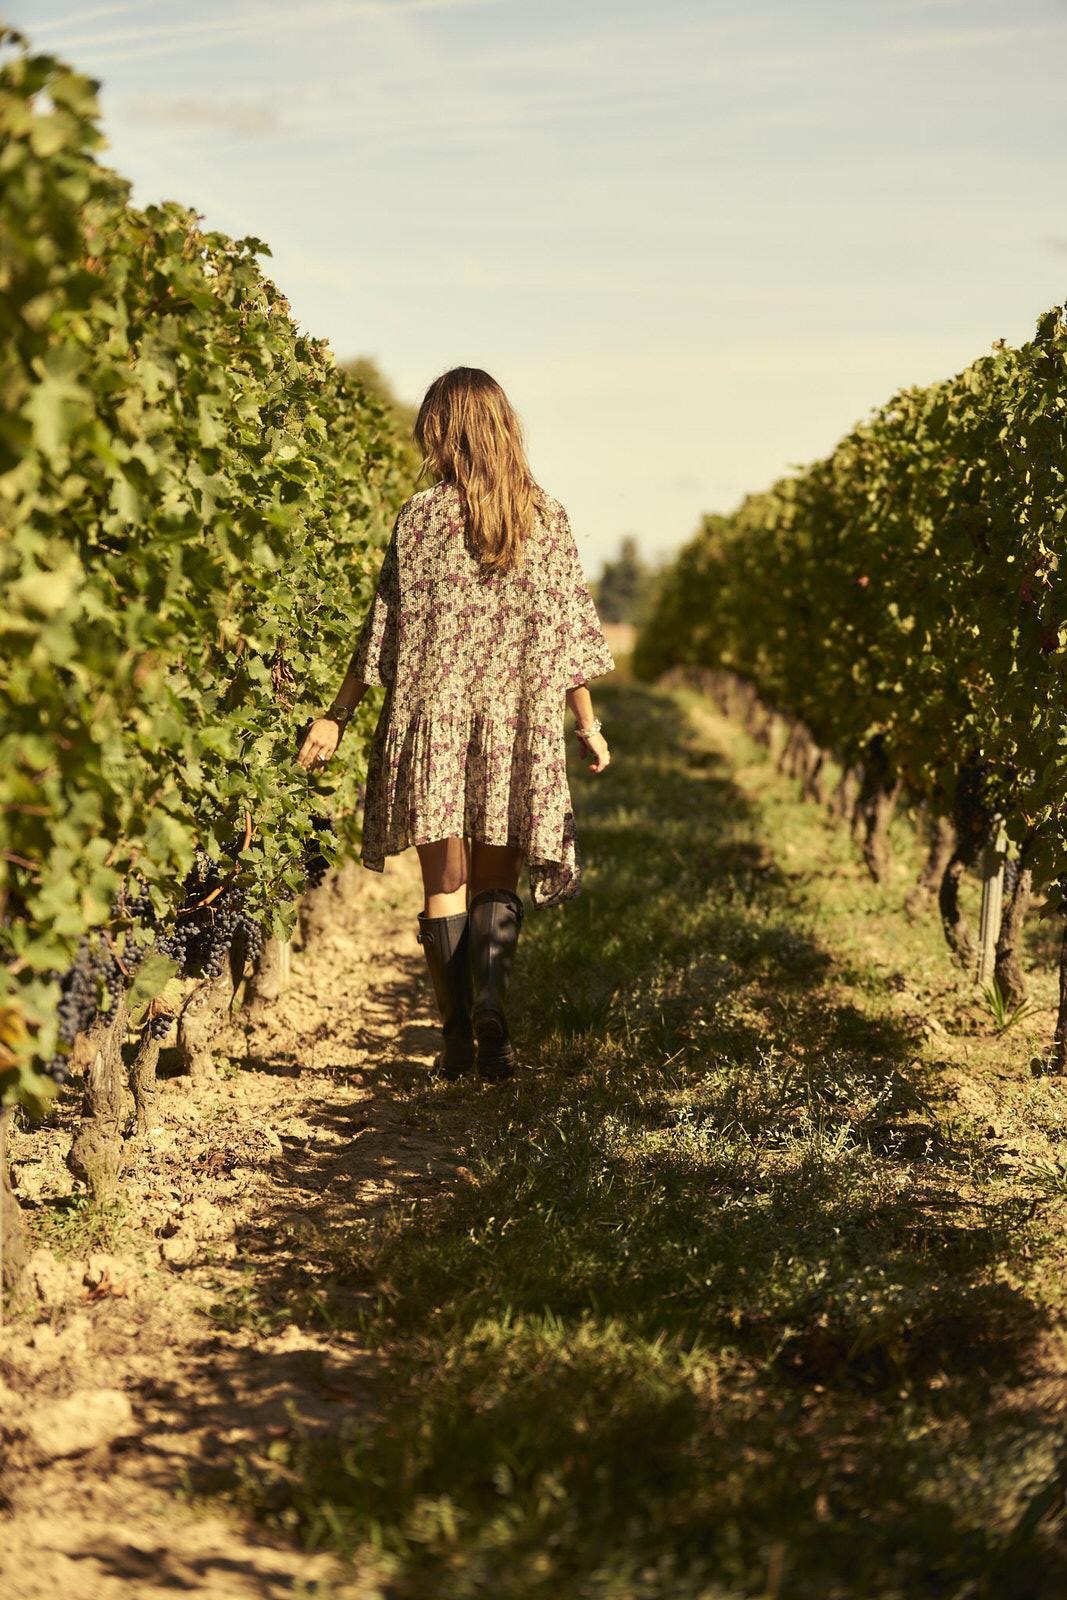 Reportage photo - Domaine viticole 14